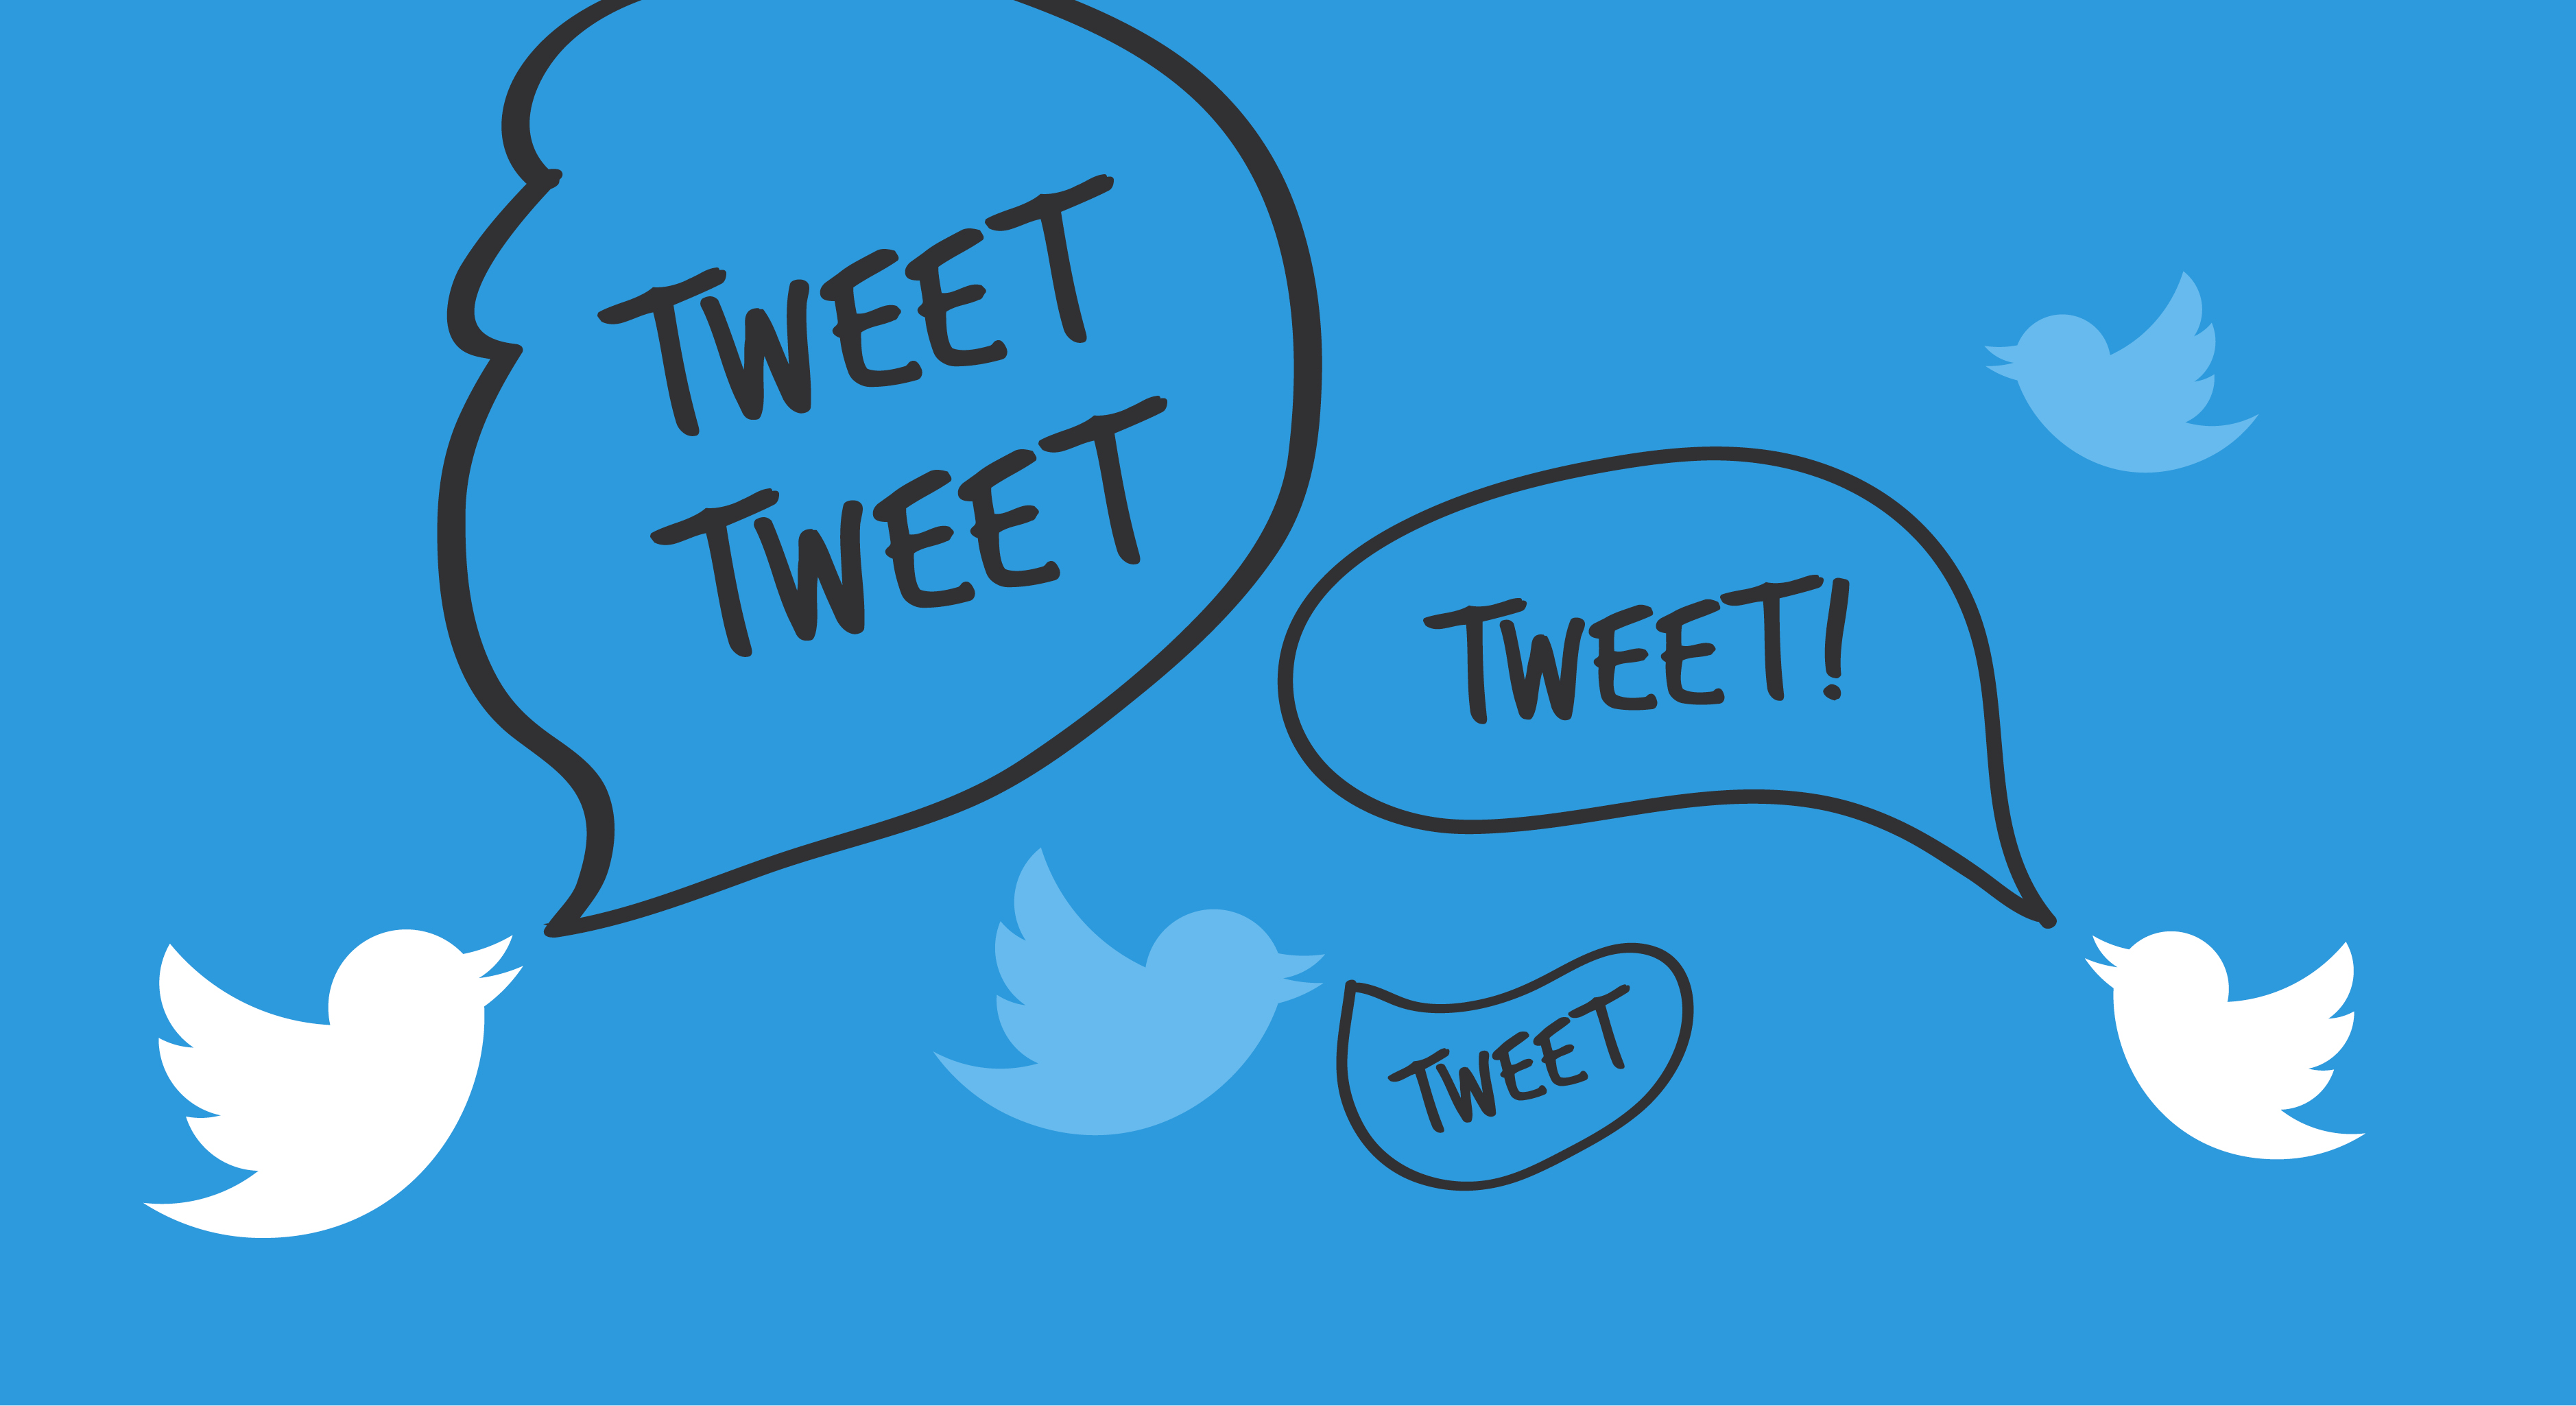 Twitter deixa de contar nomes de usuário e links para seu limite de 140 caracteres por tweet